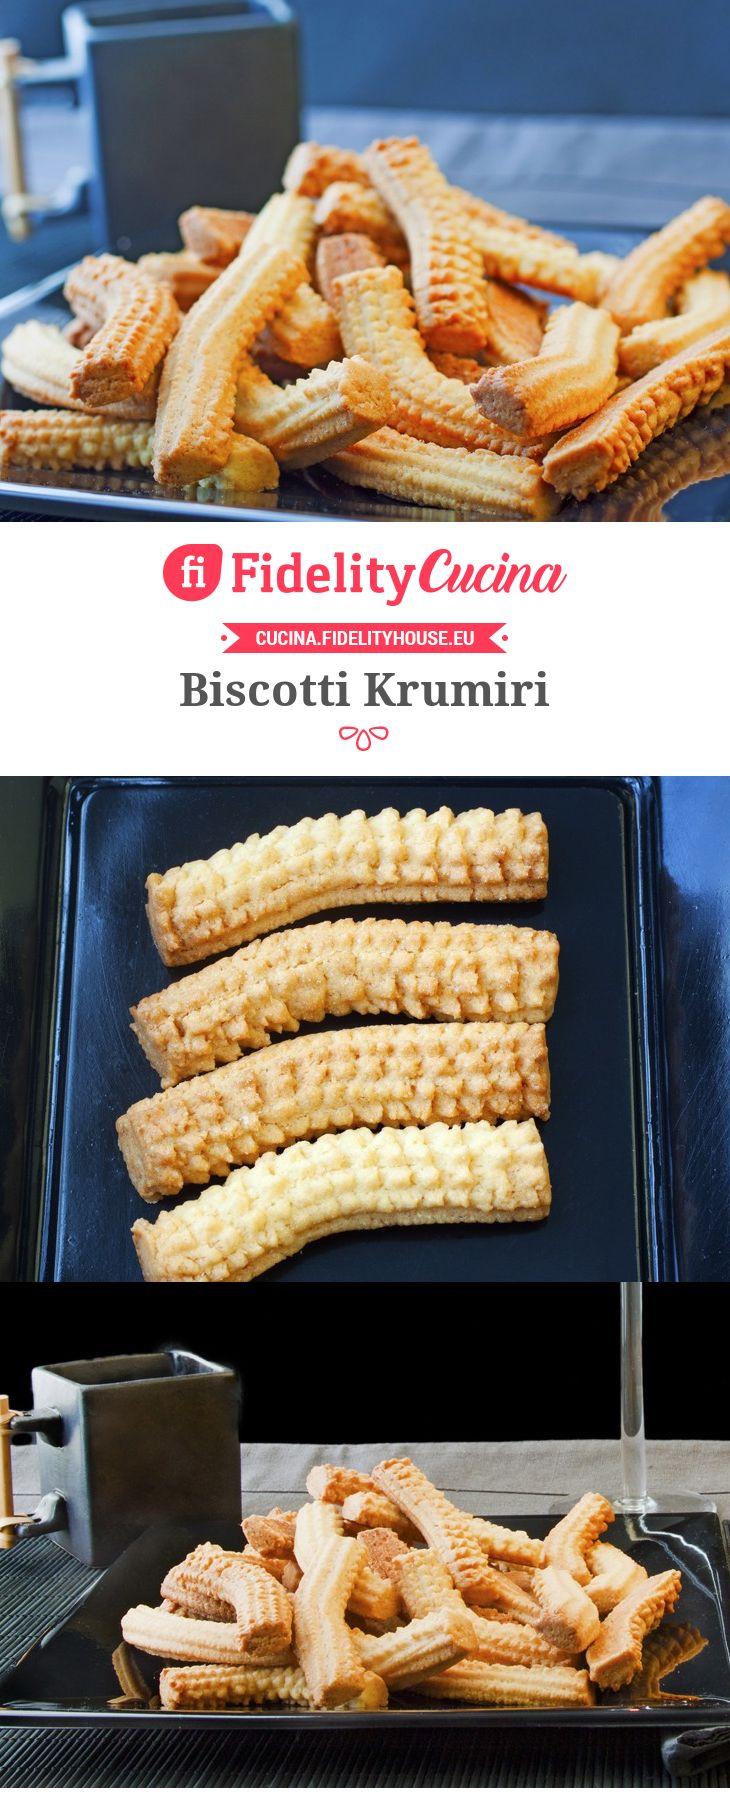 Biscotti Krumiri